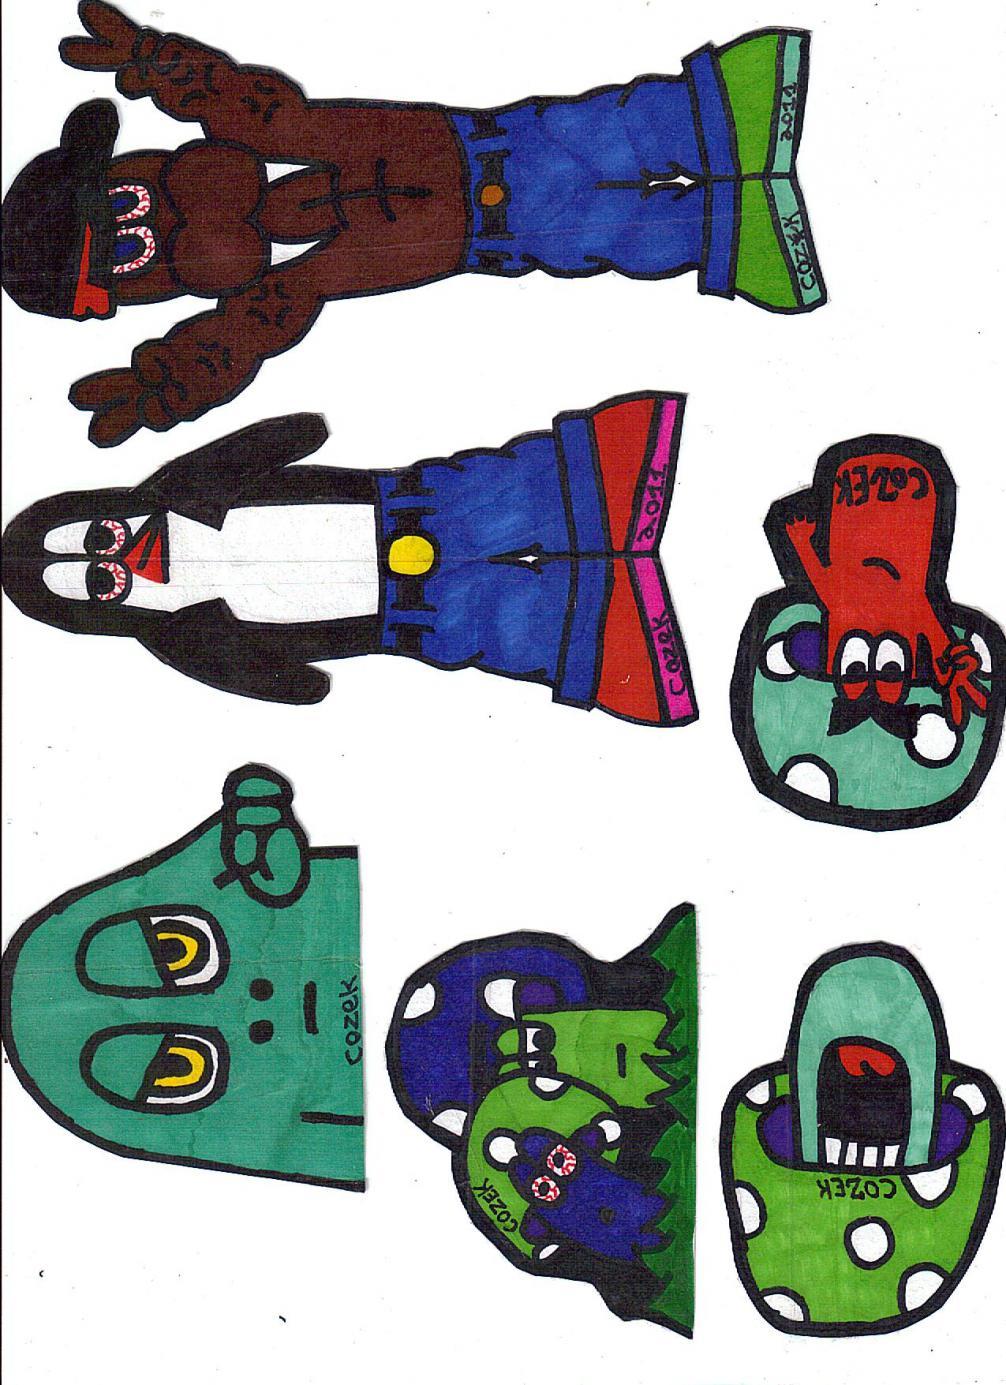 Graffiti drawings 004.jpg